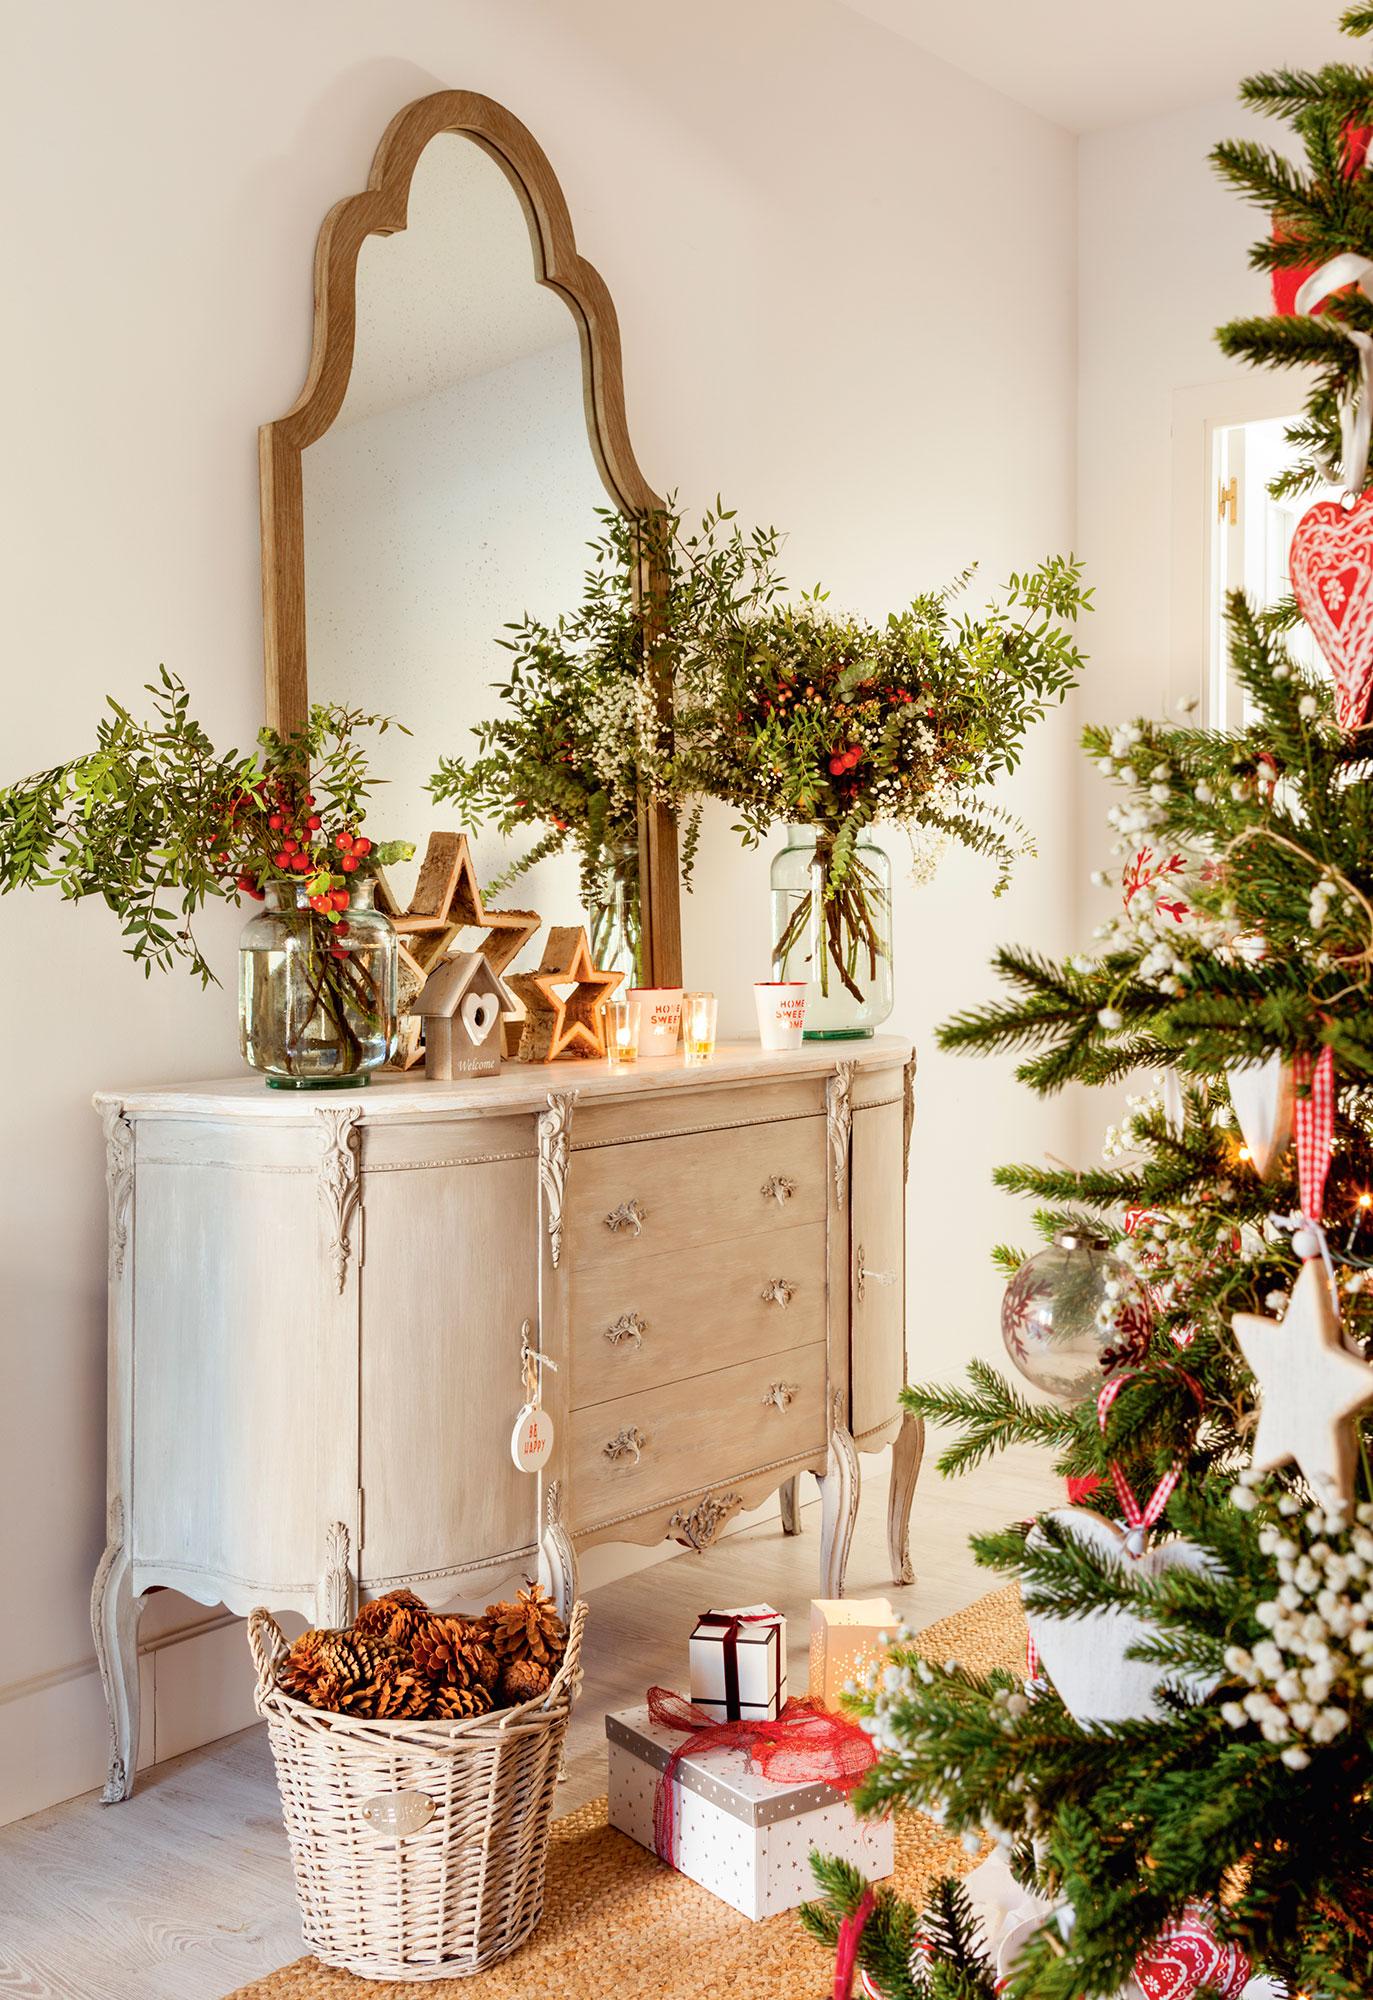 Navidad Ideas Para Decorar De Verde Natural Tu Recibidor - Decorados-de-navidad